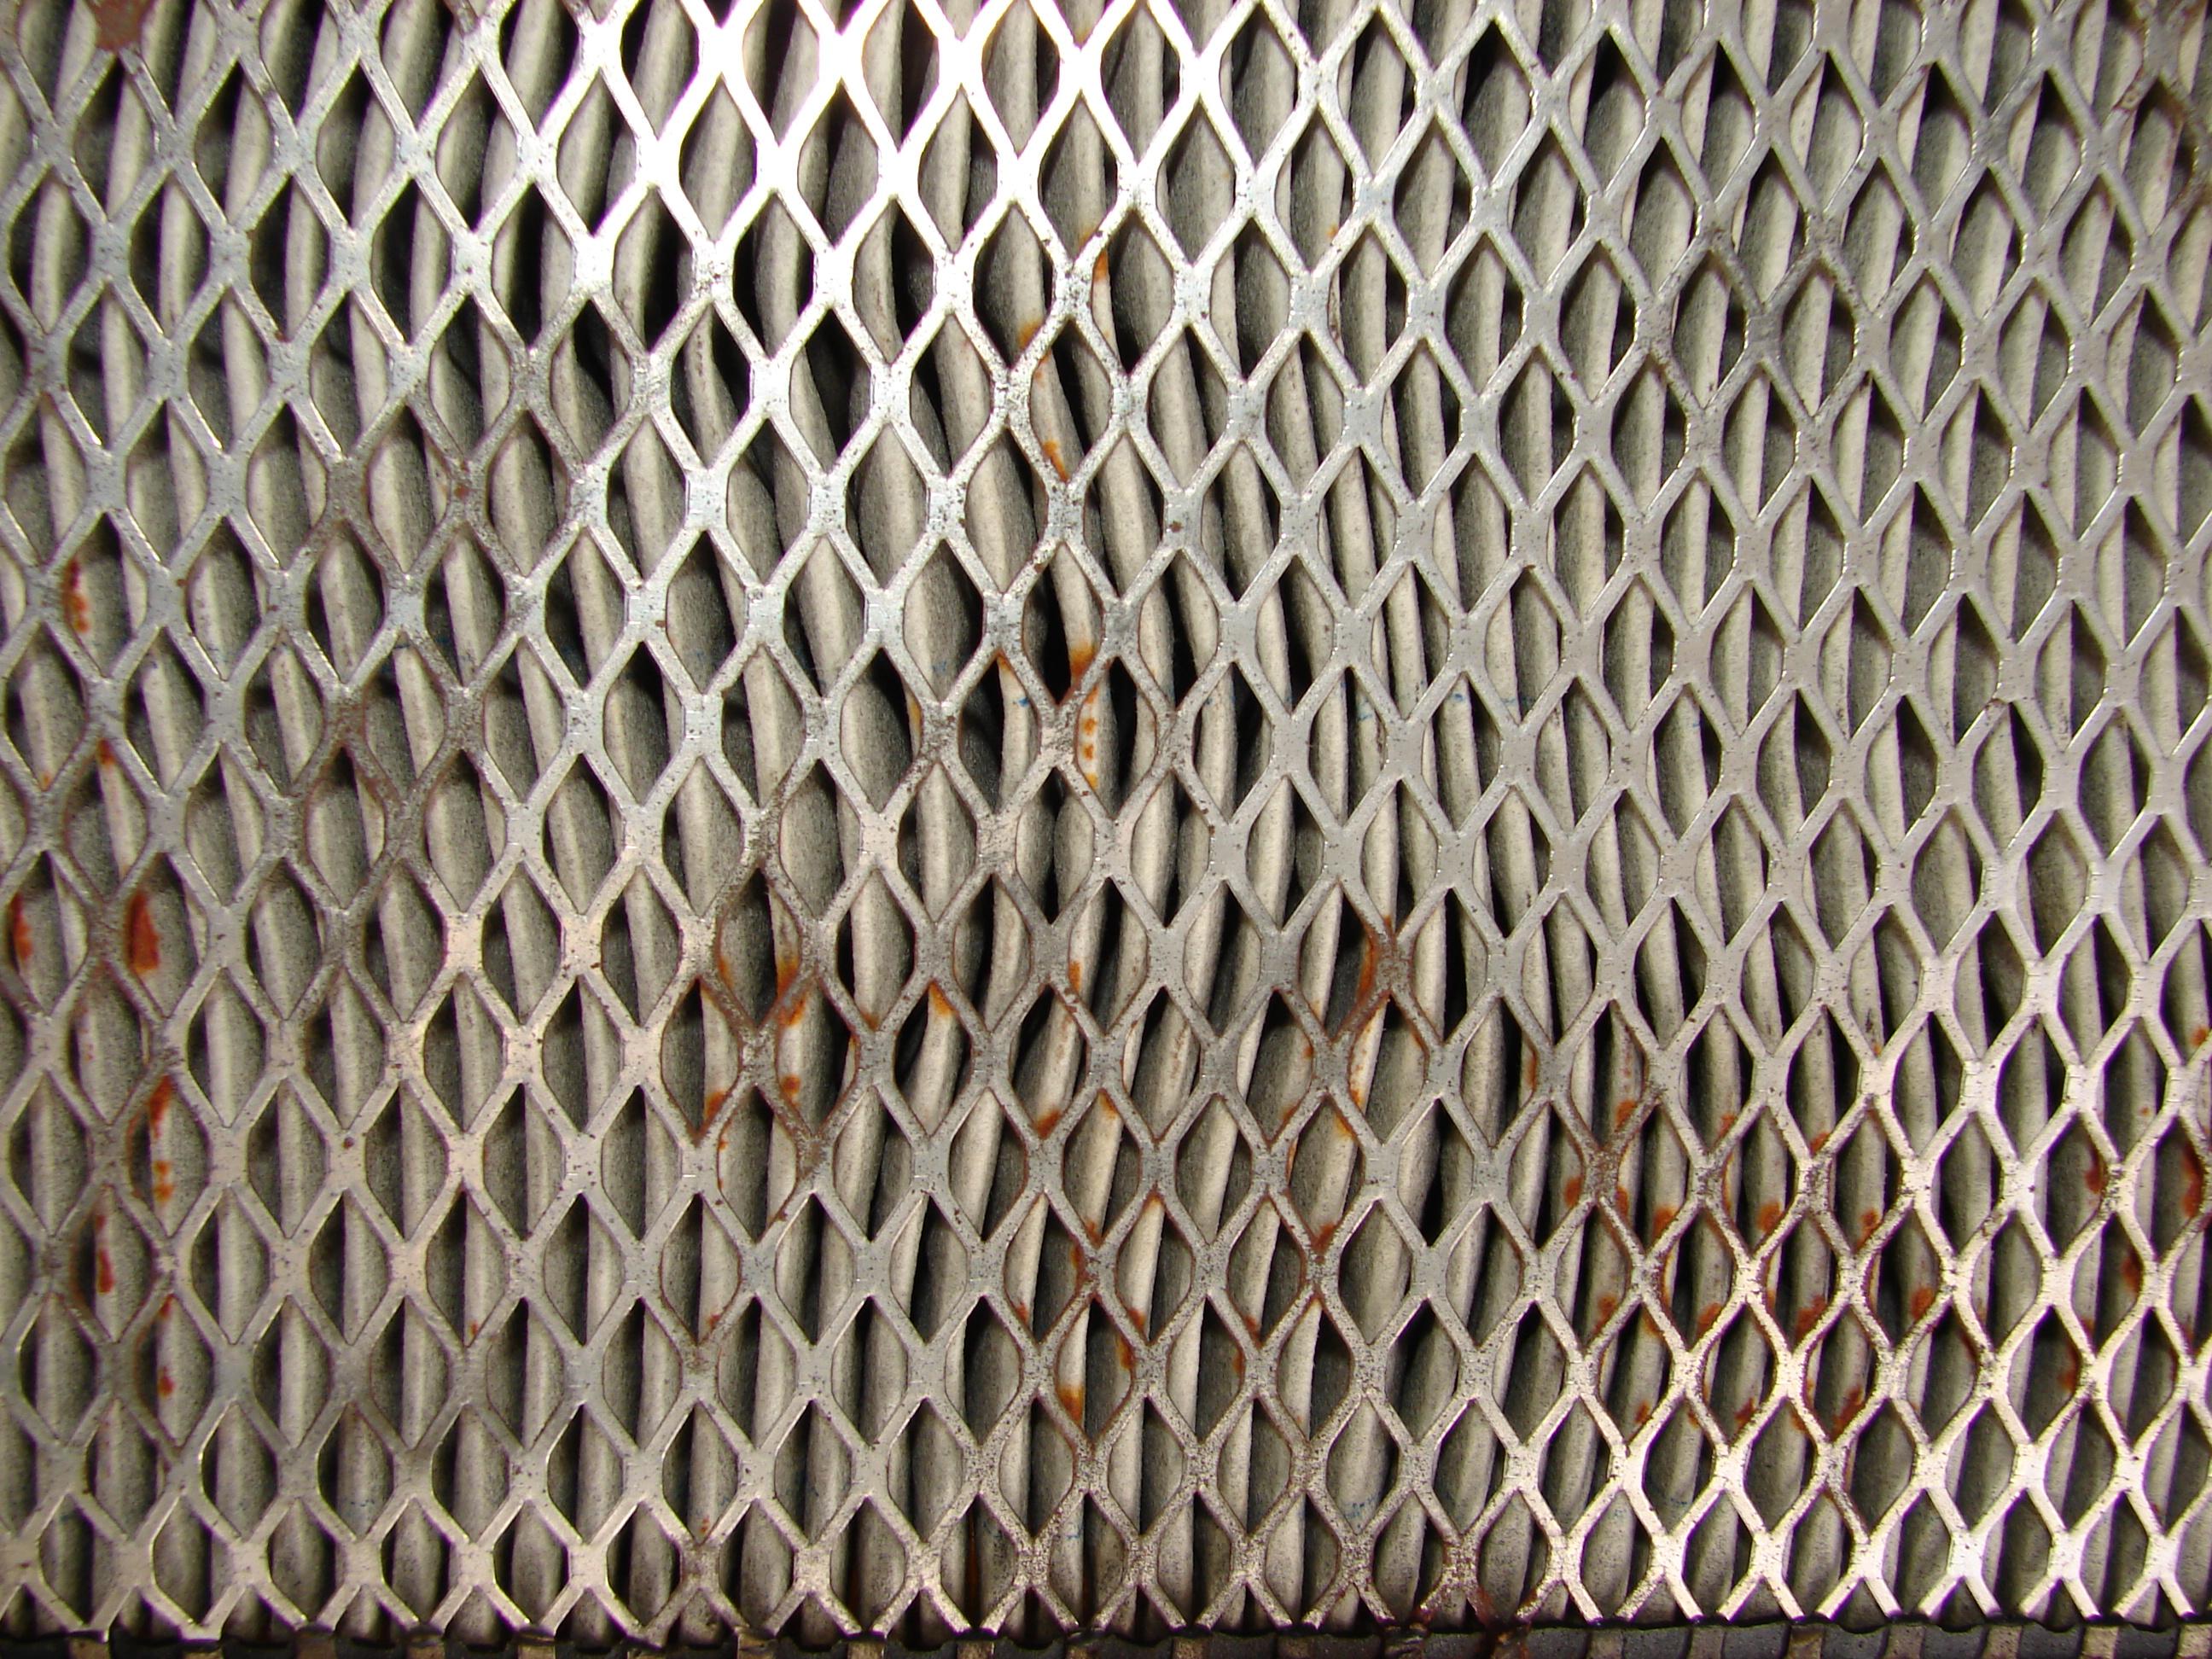 Rusty Metal Automobile Texture by FantasyStock